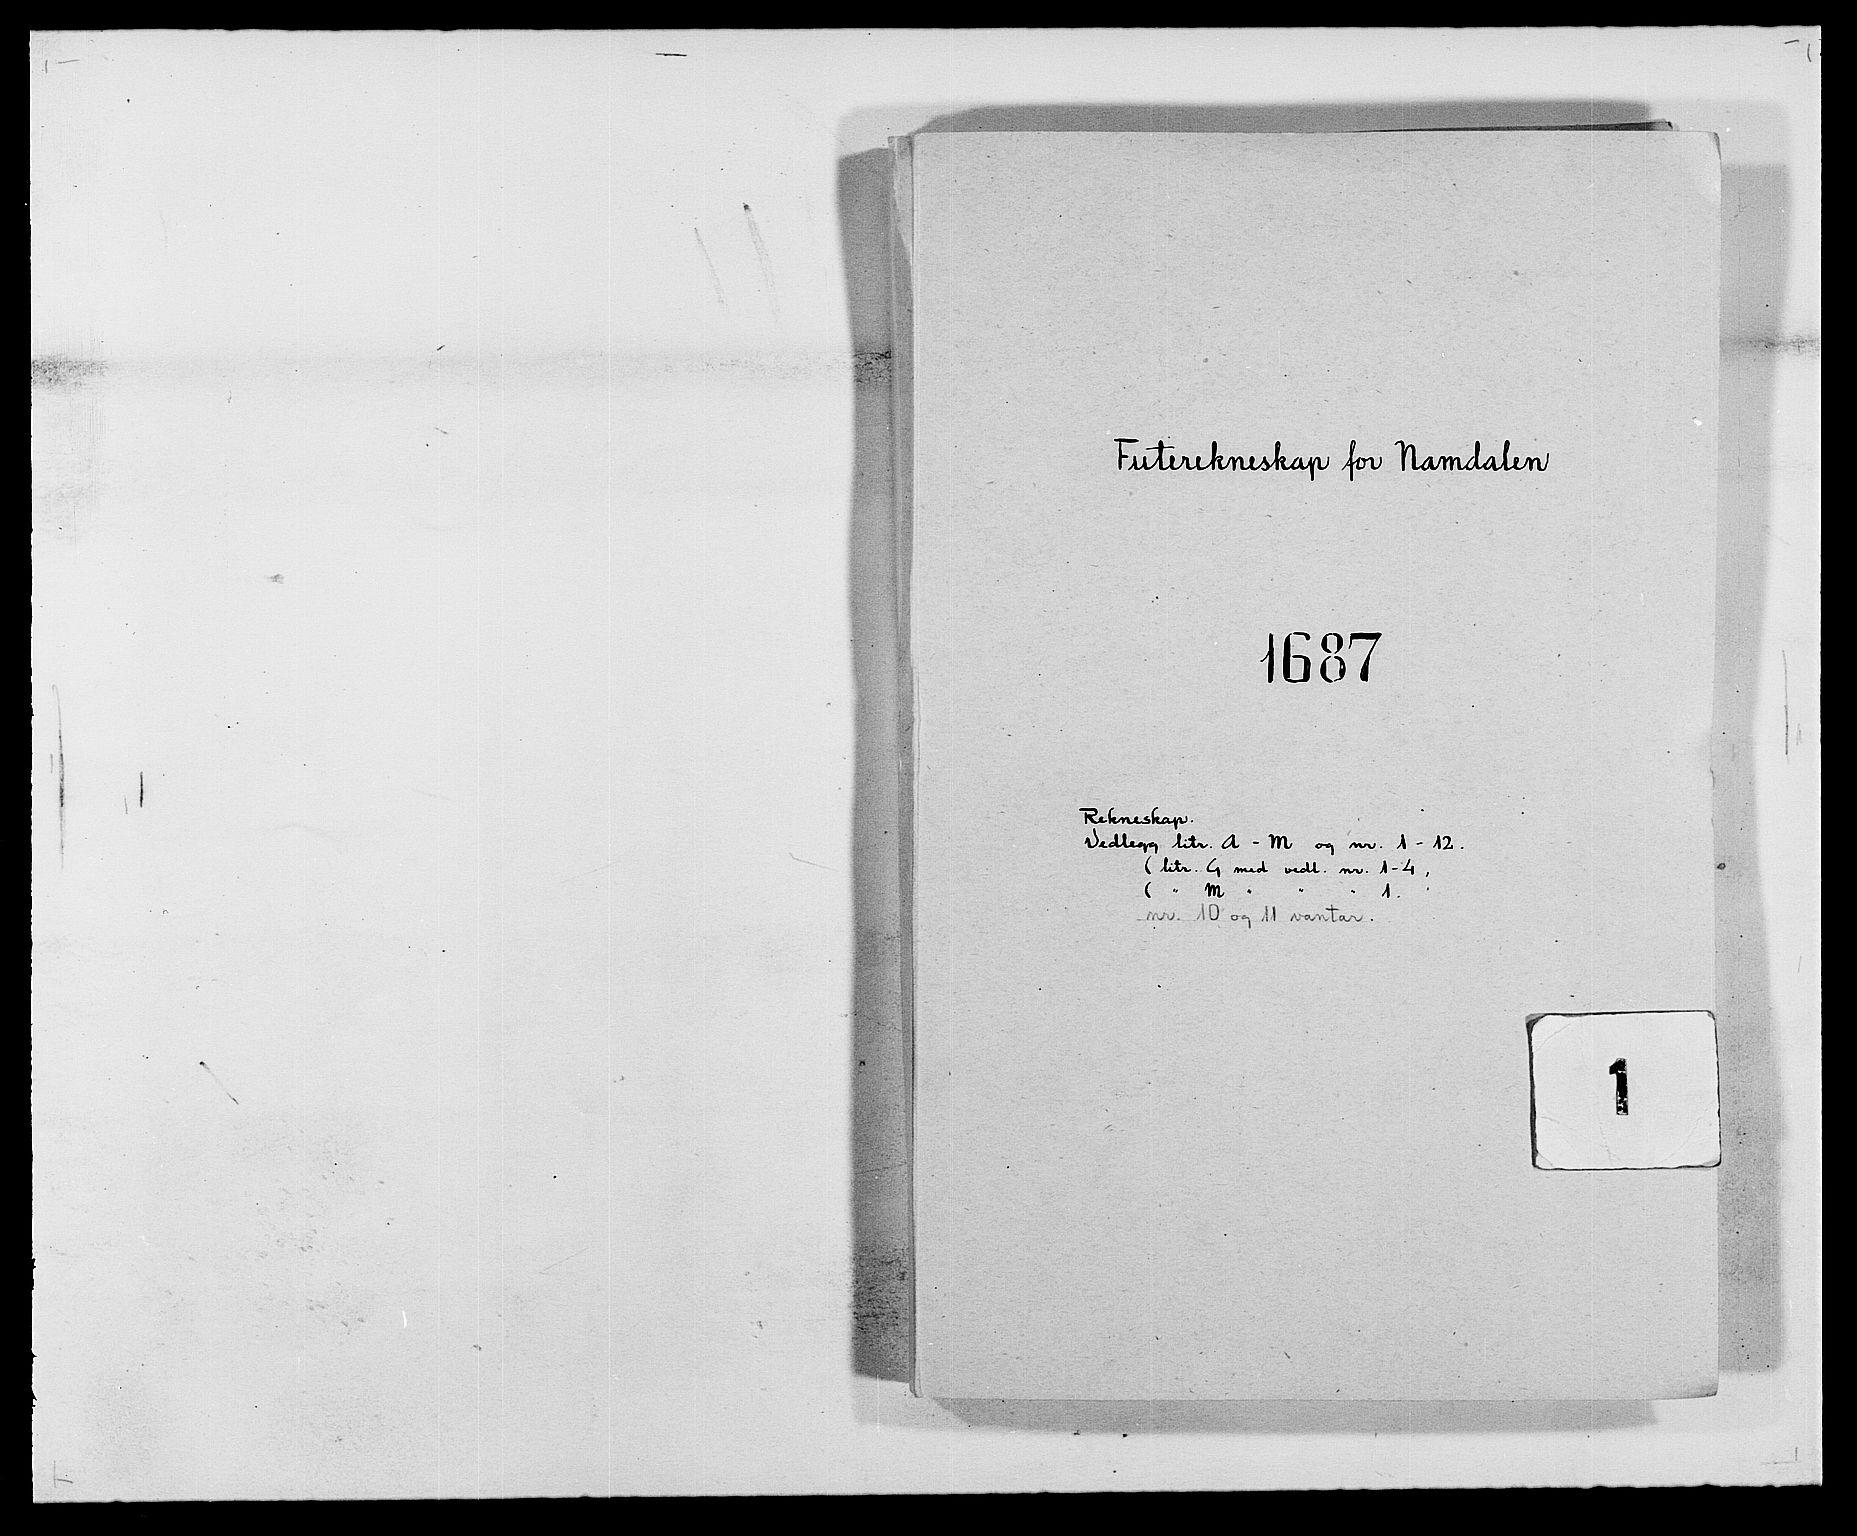 RA, Rentekammeret inntil 1814, Reviderte regnskaper, Fogderegnskap, R64/L4422: Fogderegnskap Namdal, 1687-1689, s. 1